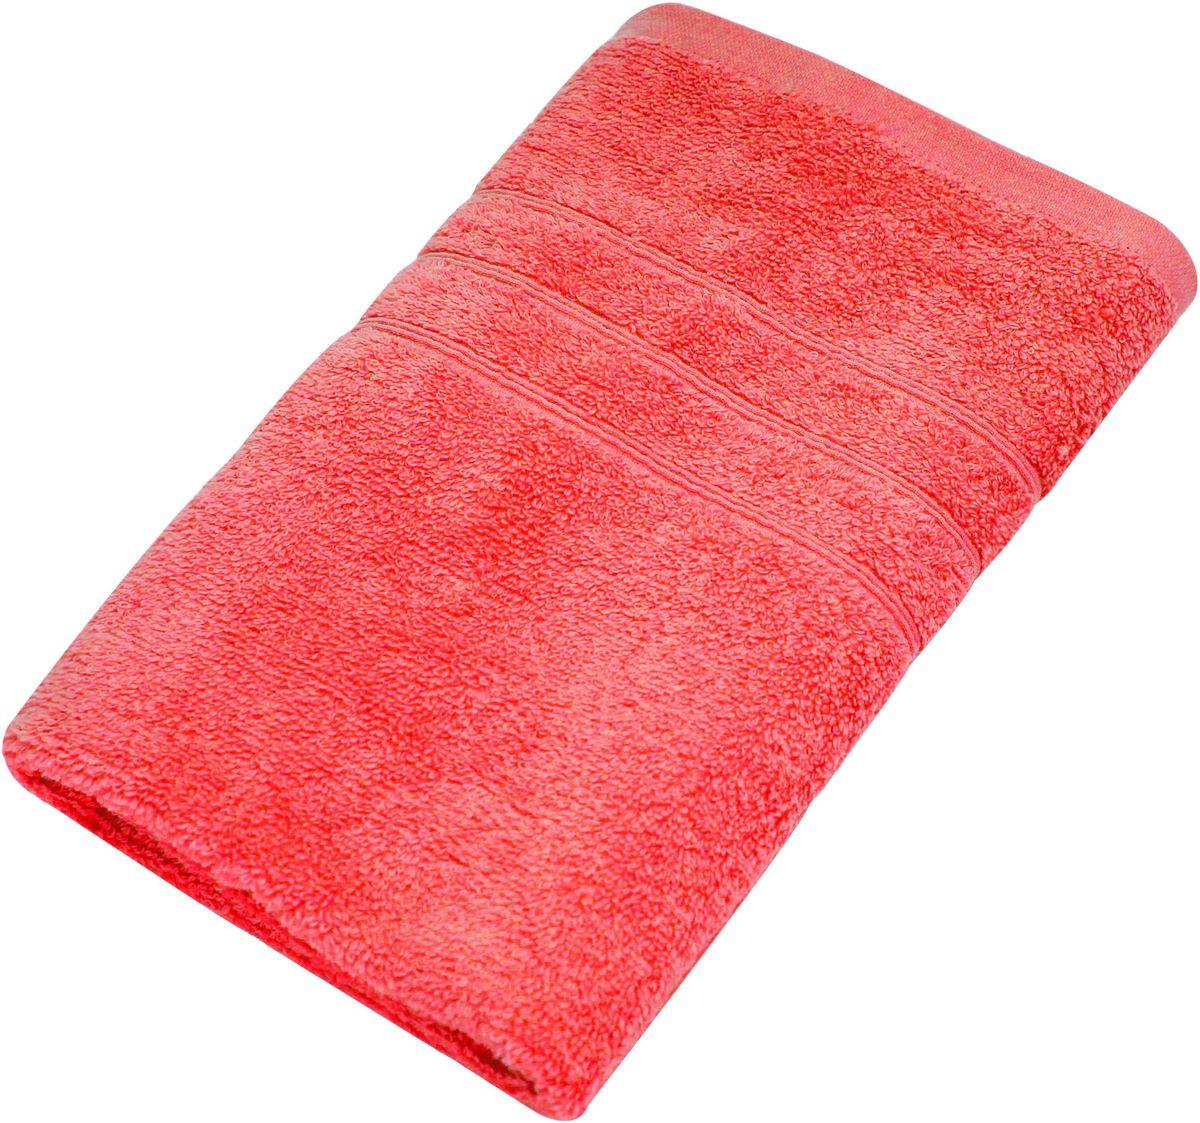 Полотенце Proffi Home Модерн, цвет: красный, 50x100 смPH3270Состав: 100% хлопок.